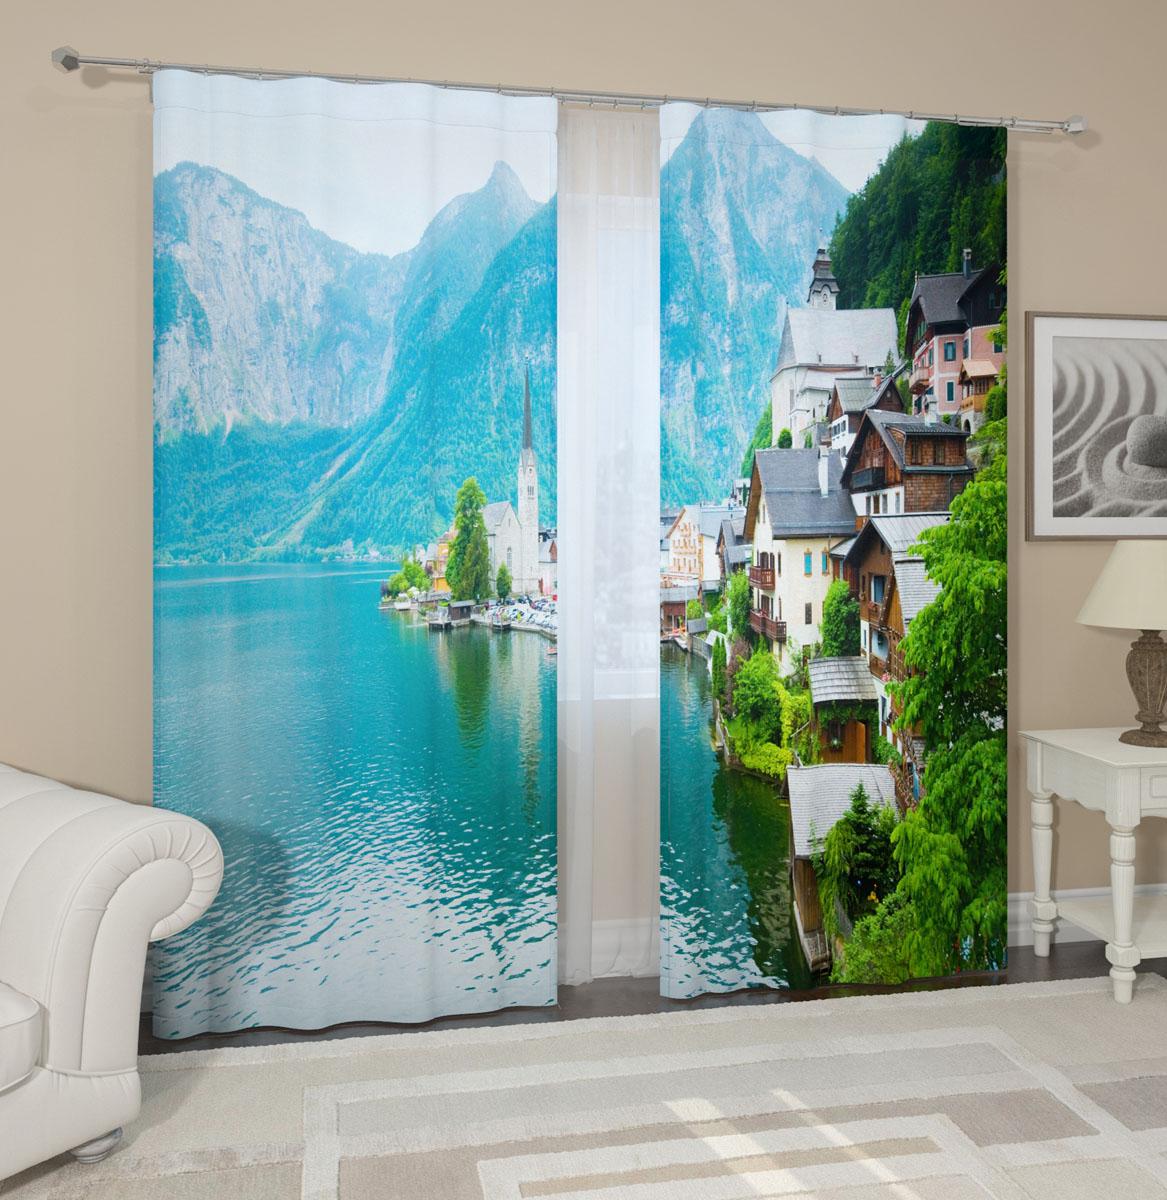 Комплект фотоштор Сирень Город в Альпах, на ленте, высота 260 см